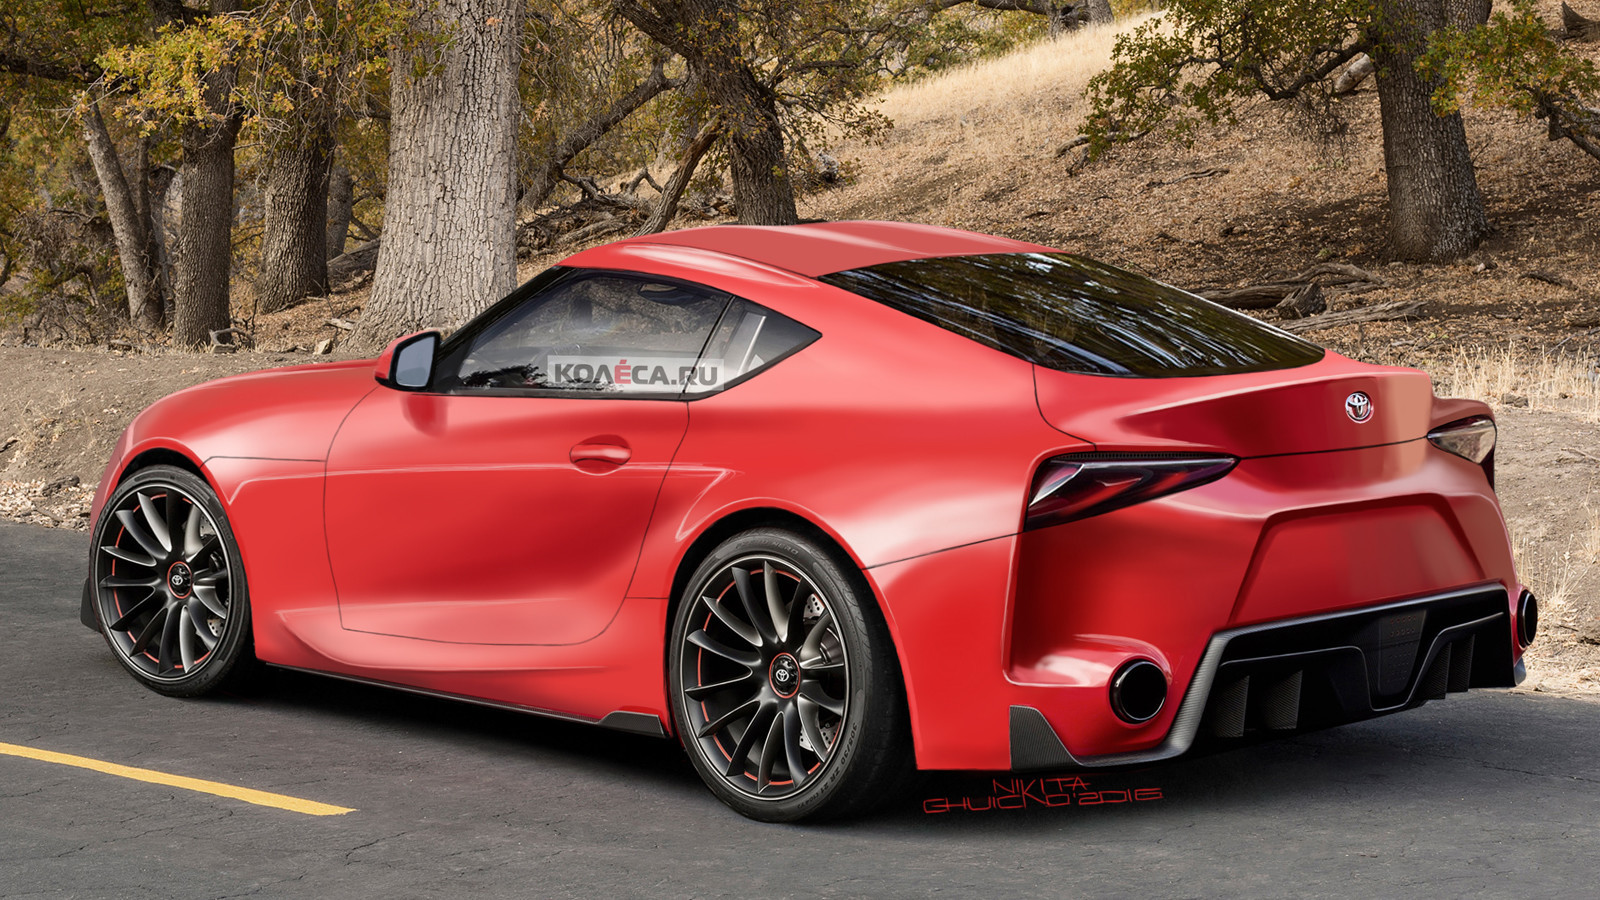 Тойота планирует сделать гибридную модификацию спорткара Supra